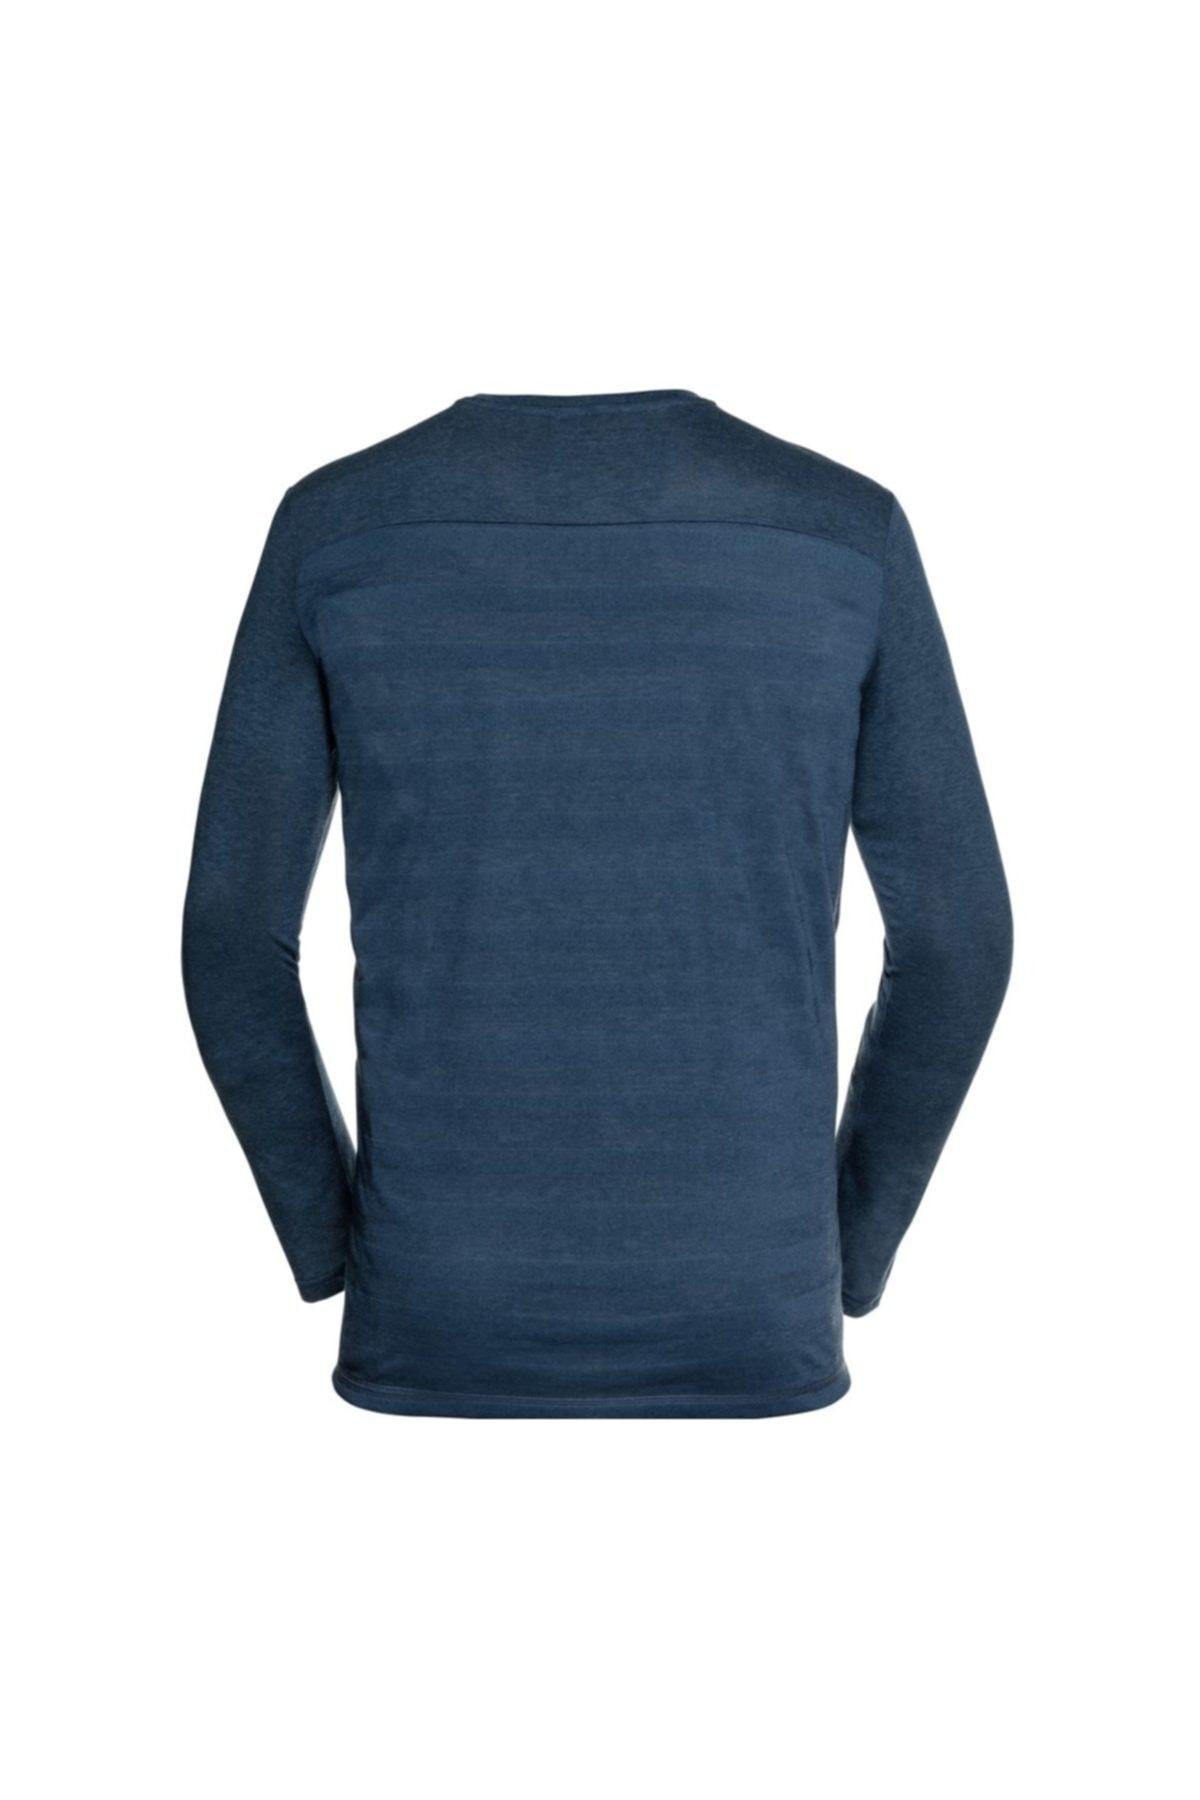 VAUDE Me Sveit Ls Erkek T-shirt 40950 2